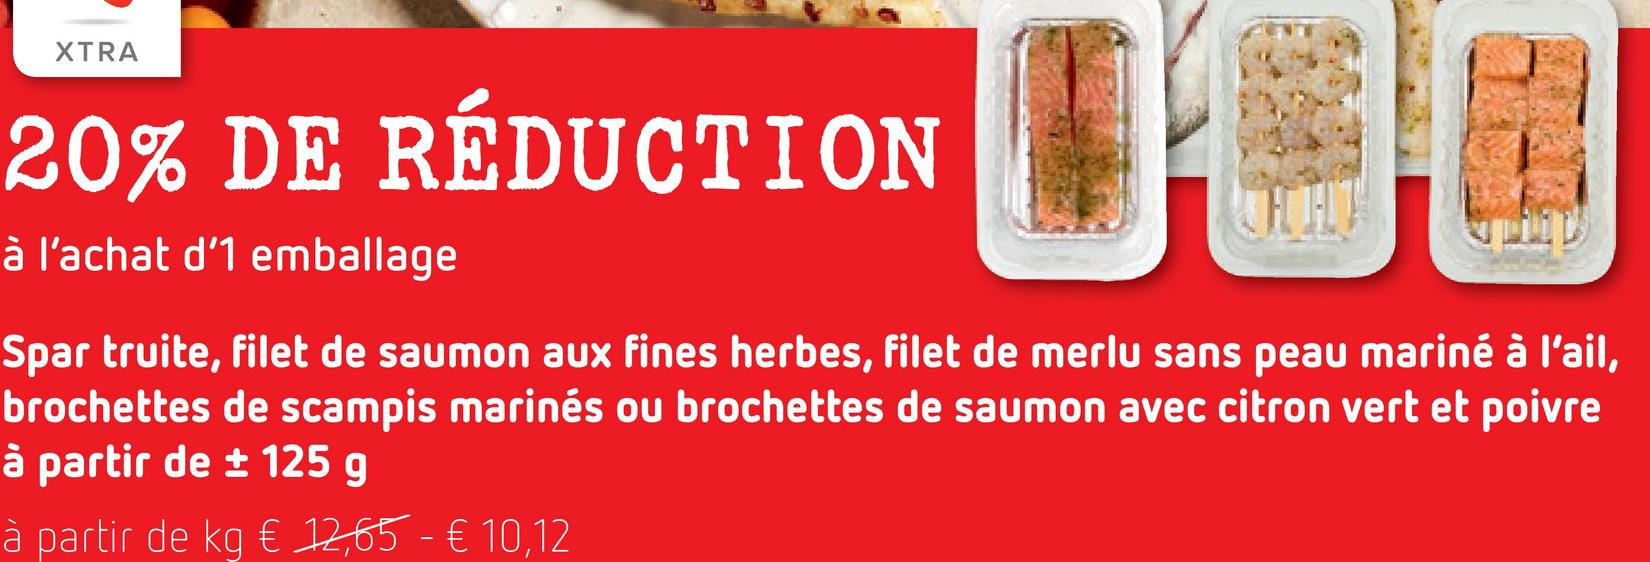 XTRA 20% DE RÉDUCTION RÉDUCTION U OG à l'achat d'1 emballage Spar truite, filet de saumon aux fines herbes, filet de merlu sans peau mariné à l'ail, brochettes de scampis marinés ou brochettes de saumon avec citron vert et poivre à partir de + 125 g à partir de kg € 12,65 - € 10,12